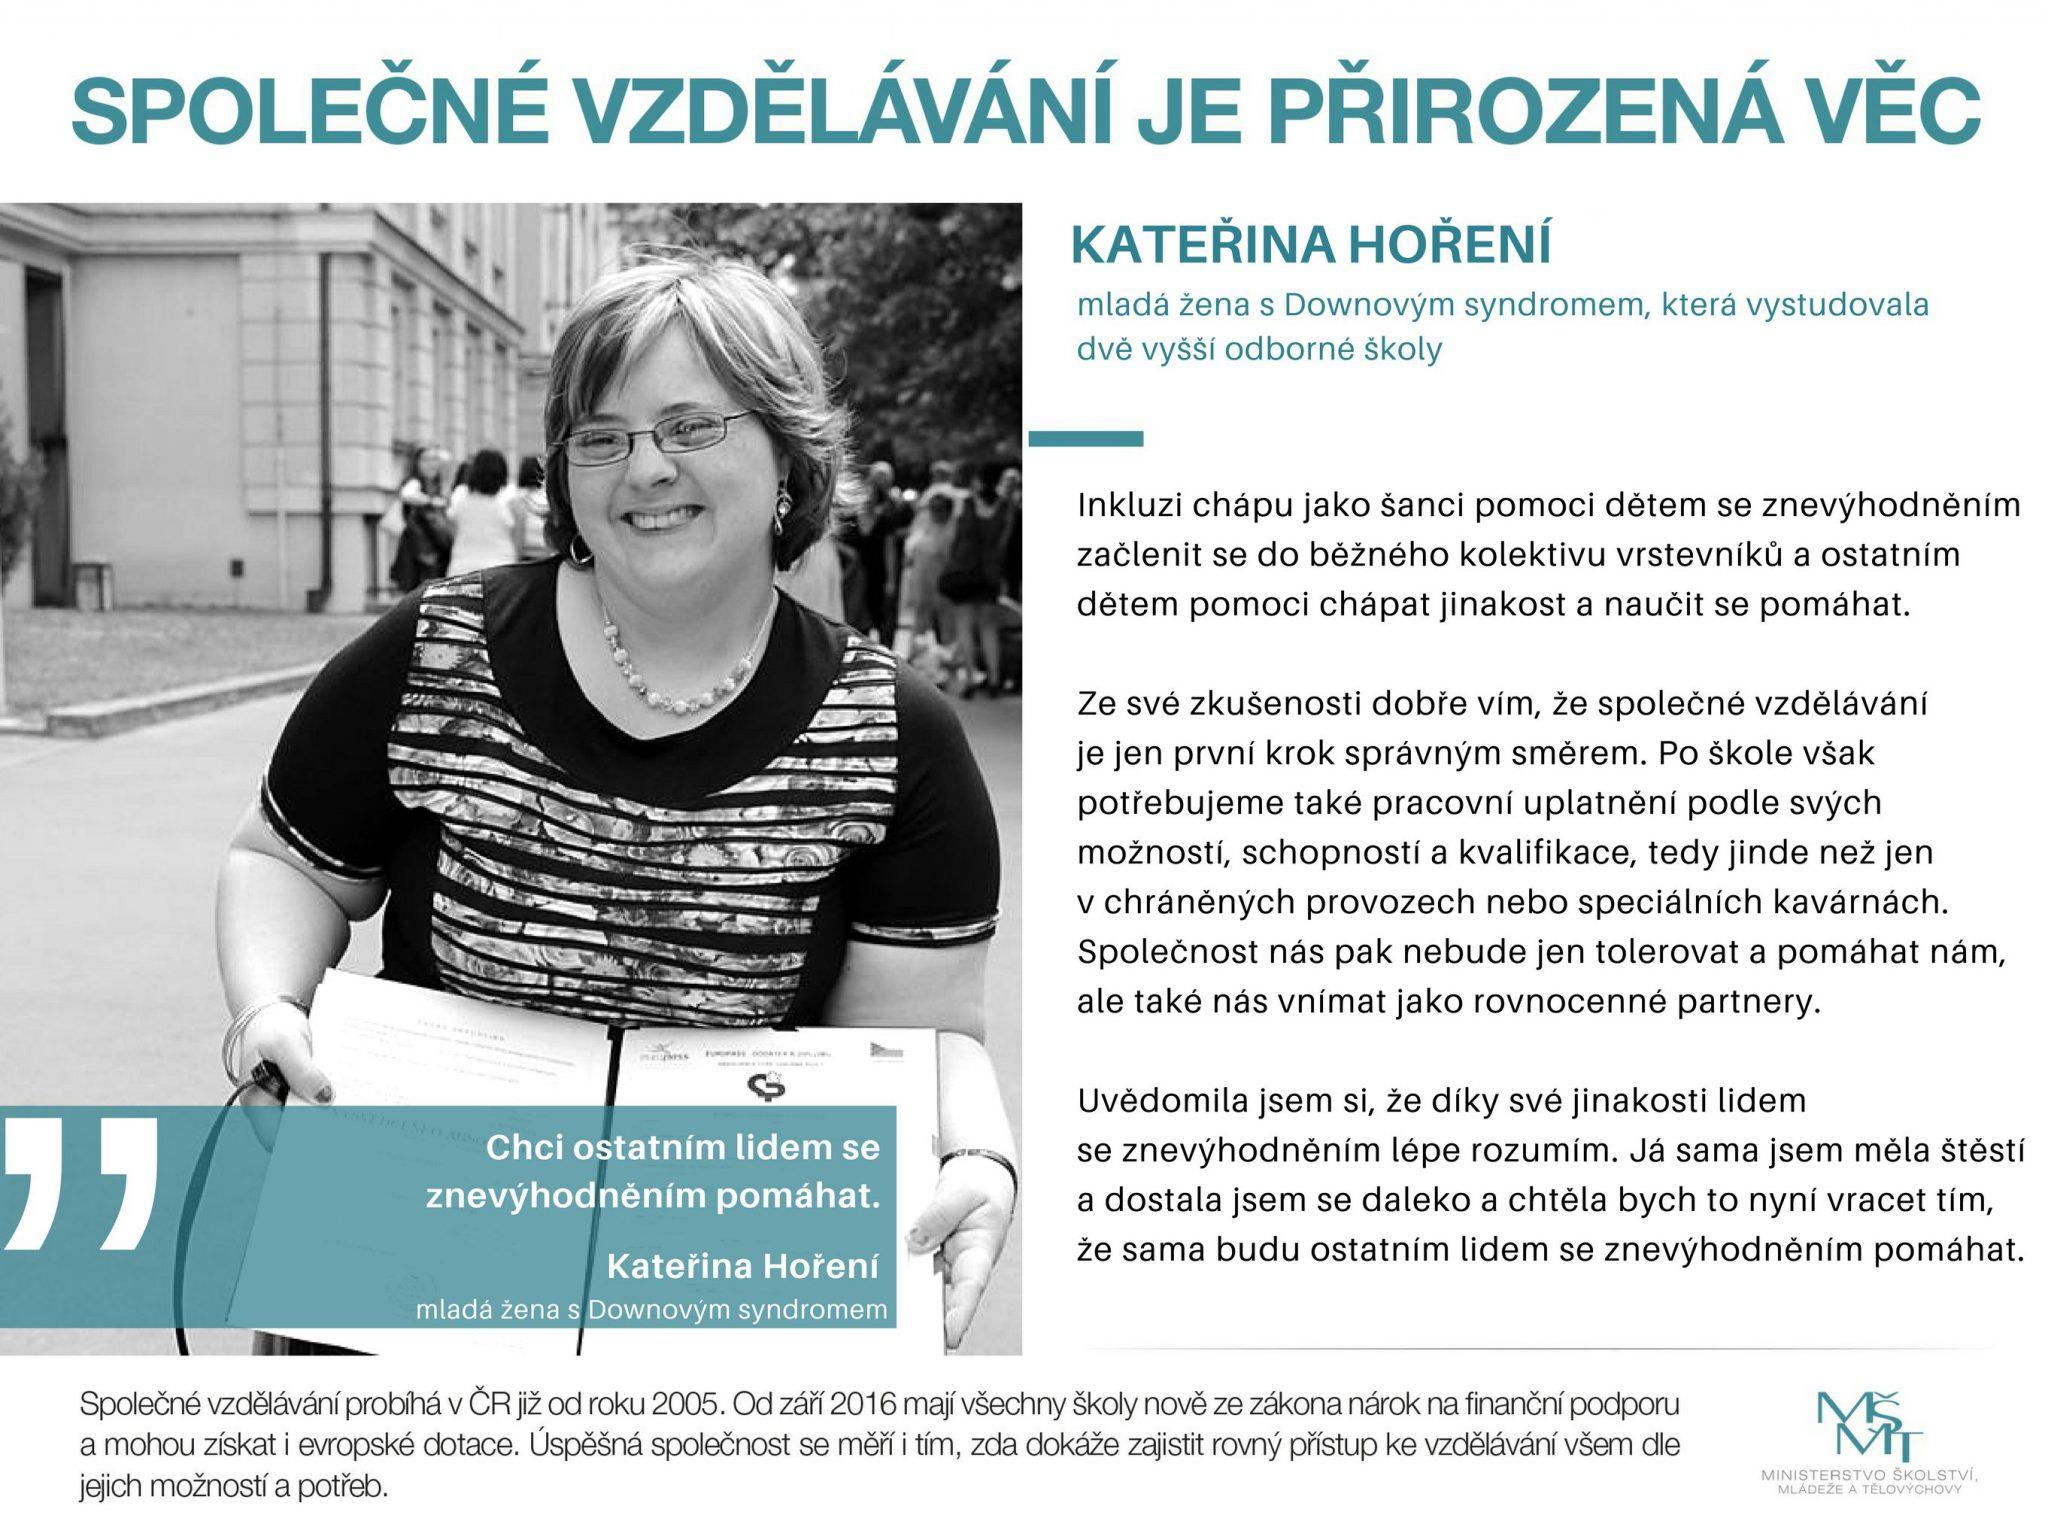 pdp_horeni_katerina